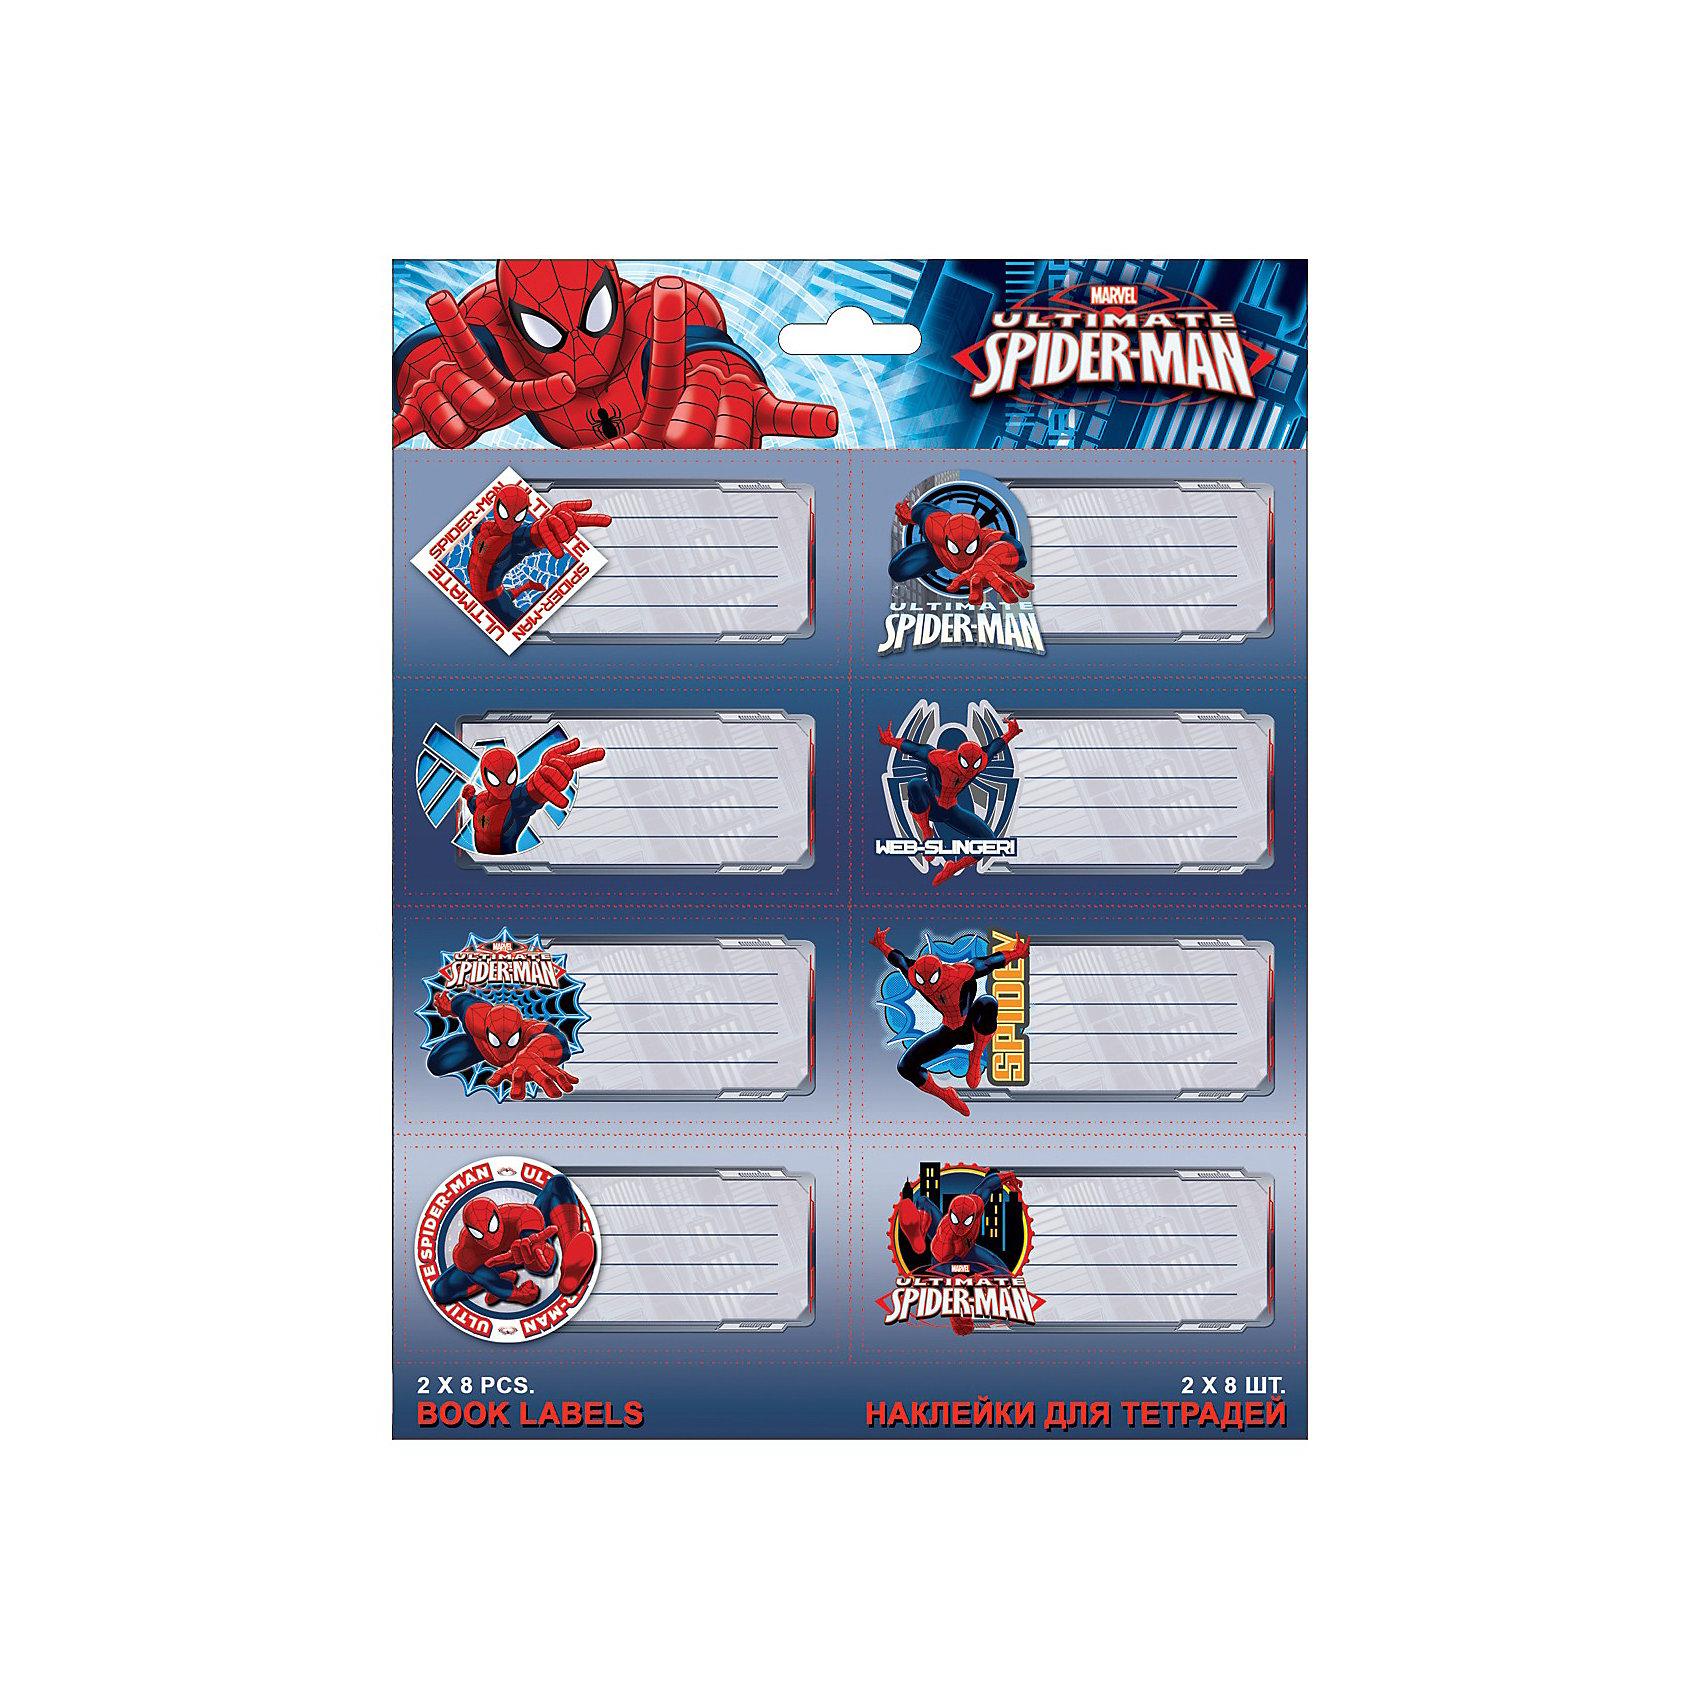 Наклейки для тетрадей, Человек-ПаукЧеловек-Паук<br>Наклейки для подписи тетрадей с изображениями супергероя Spider Man (Человек-паук) созданы специально для мальчиков. Такие изображения украсят даже самую простенькую тетрадь, и будут приносить детям чуть больше радости от школьных уроков.<br><br>Дополнительная информация:<br><br>- размеры упаковки: 20х16см.<br>- 2 листа по 8 шт.<br>- печать на глянцевой бумаге<br><br>Наклейки для подписи тетрадей Spider Man можно купить в нашем магазине.<br><br>Ширина мм: 200<br>Глубина мм: 160<br>Высота мм: 10<br>Вес г: 100<br>Возраст от месяцев: 48<br>Возраст до месяцев: 84<br>Пол: Мужской<br>Возраст: Детский<br>SKU: 3562998